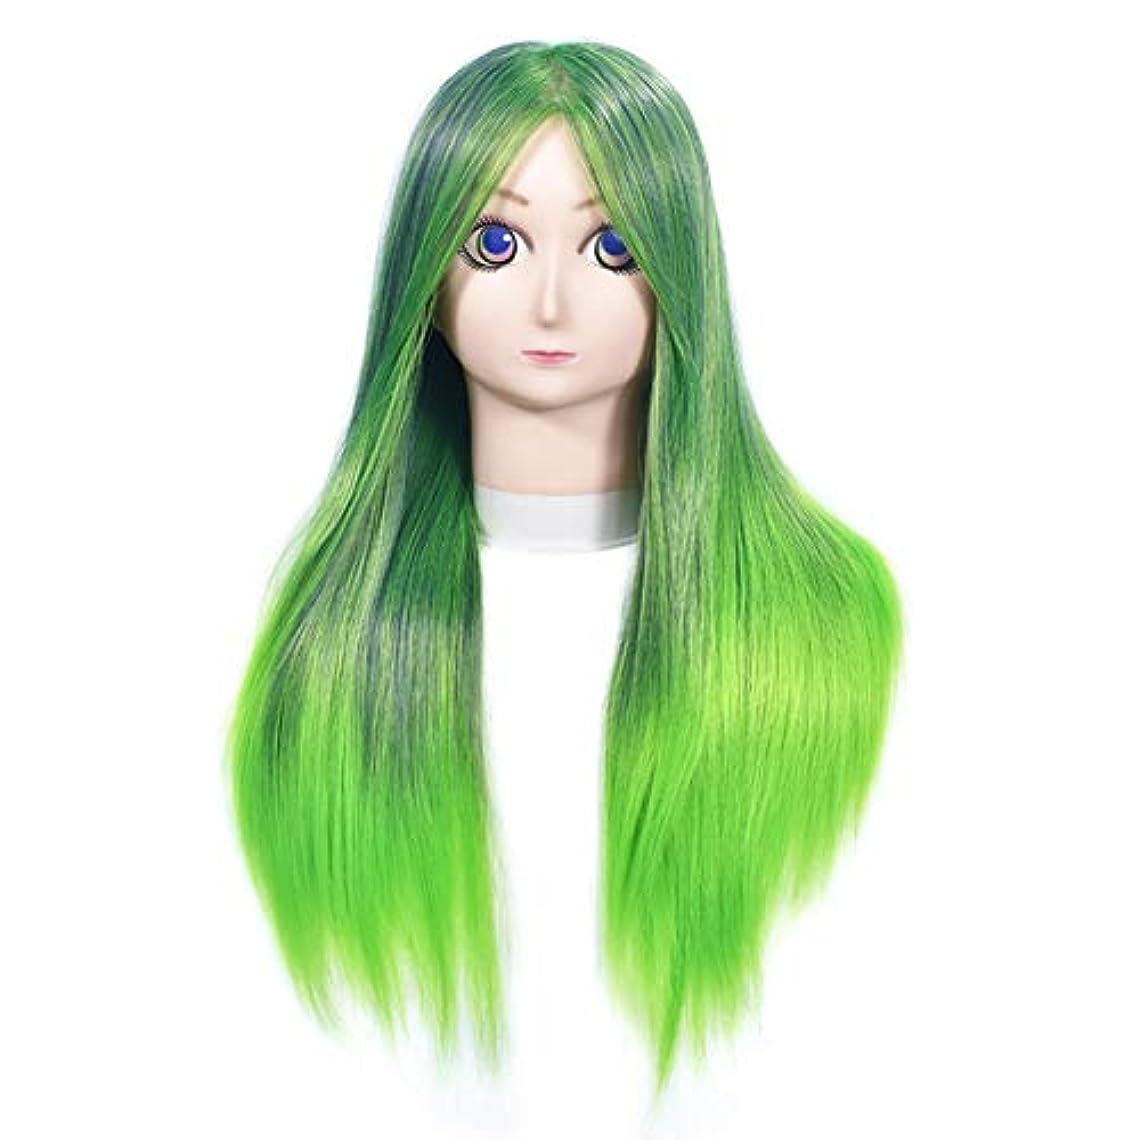 慰め非効率的な革新高温シルクヘアスタイリングモデルヘッド女性モデルヘッドティーチングヘッド理髪店編組髪染め学習ダミーヘッド,gradientgreen